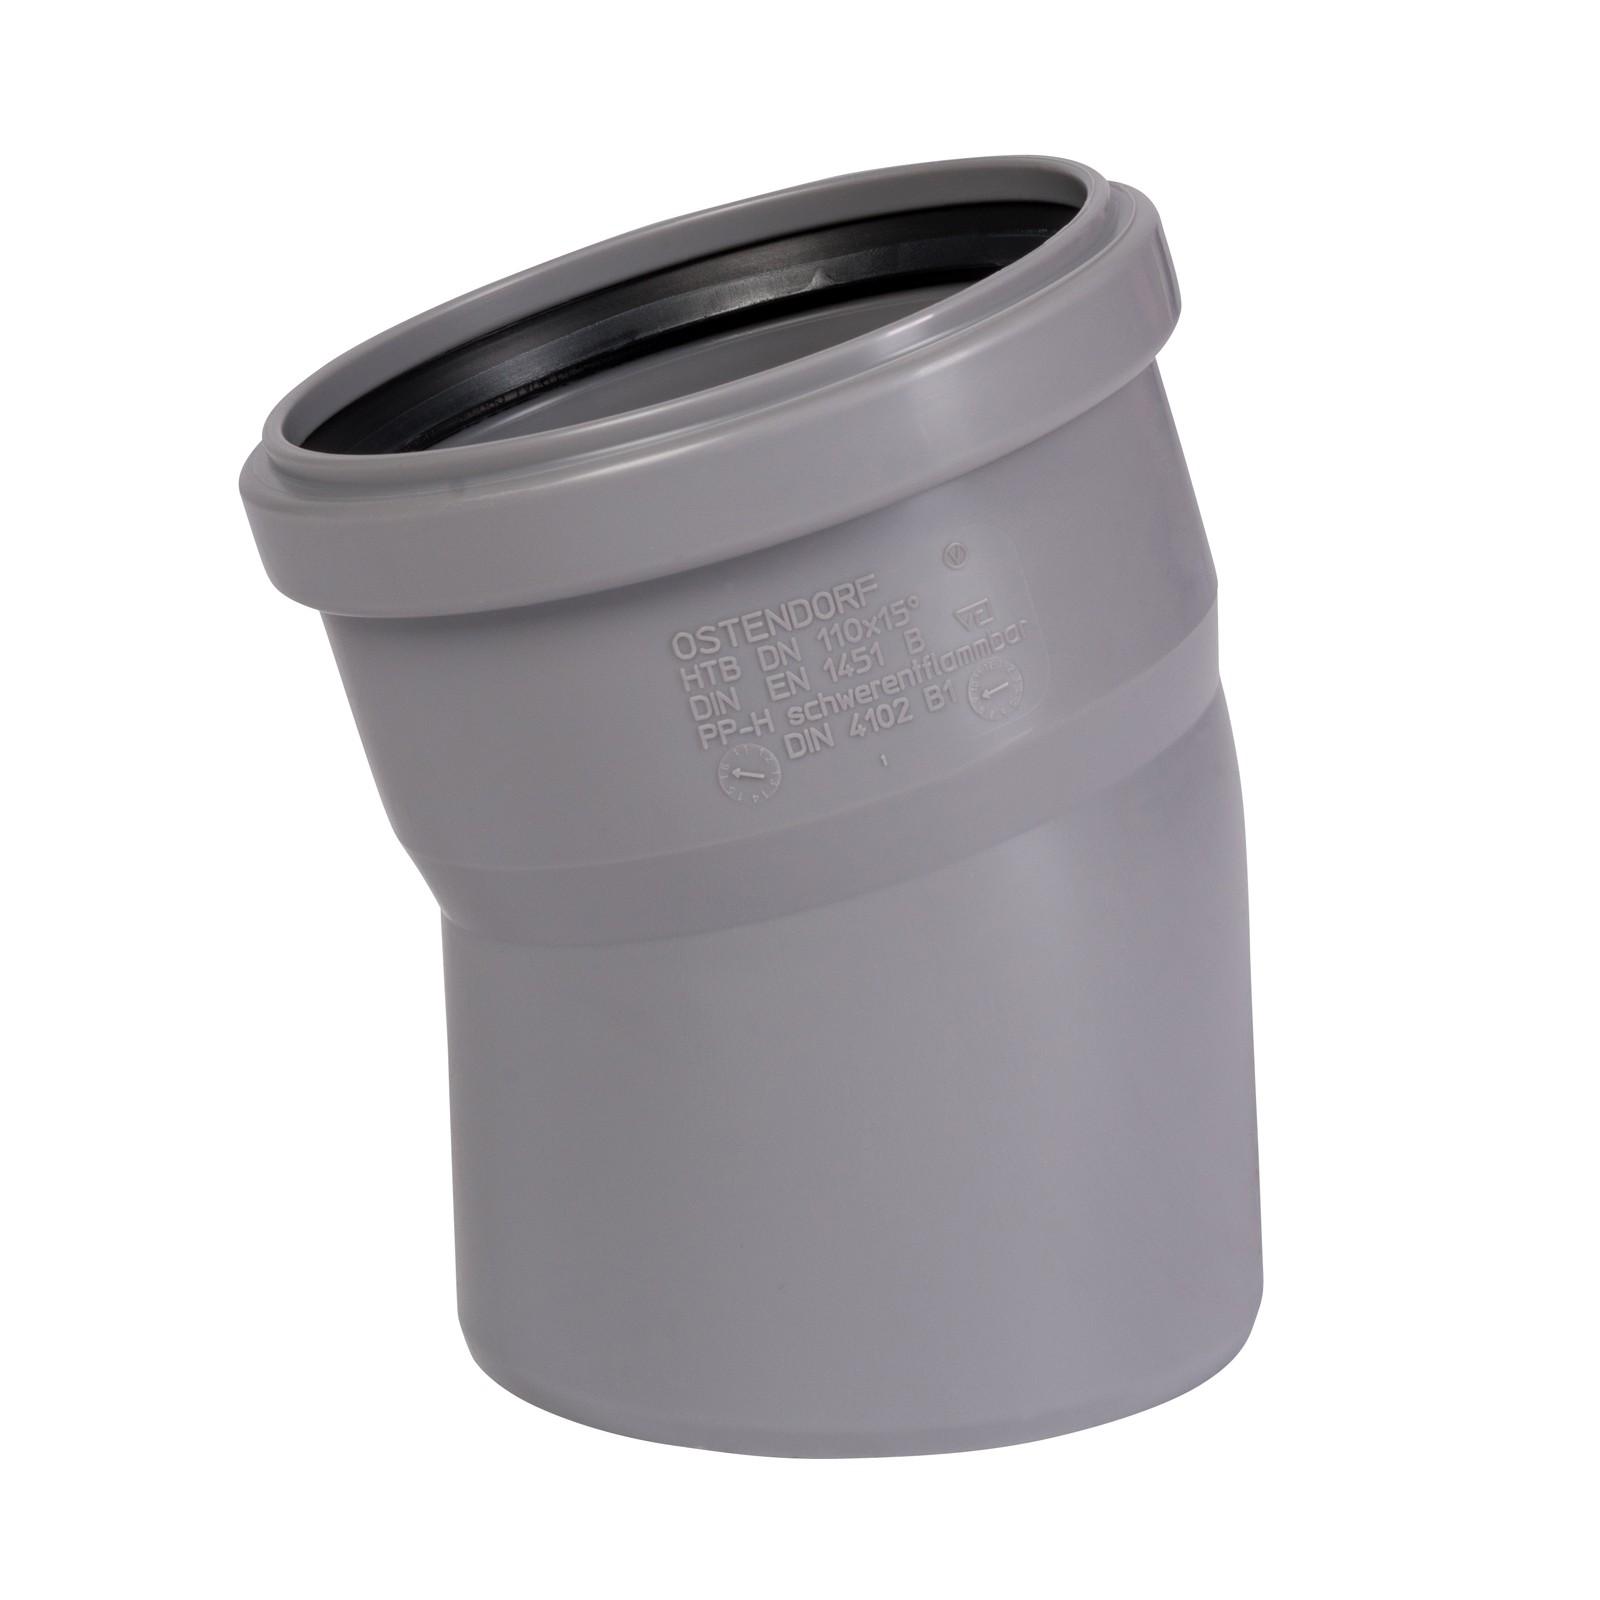 Ht bogen dn110 15 rohr 100mm kunststoff abwasserrohr grau - Pe rohr durchmesser tabelle ...